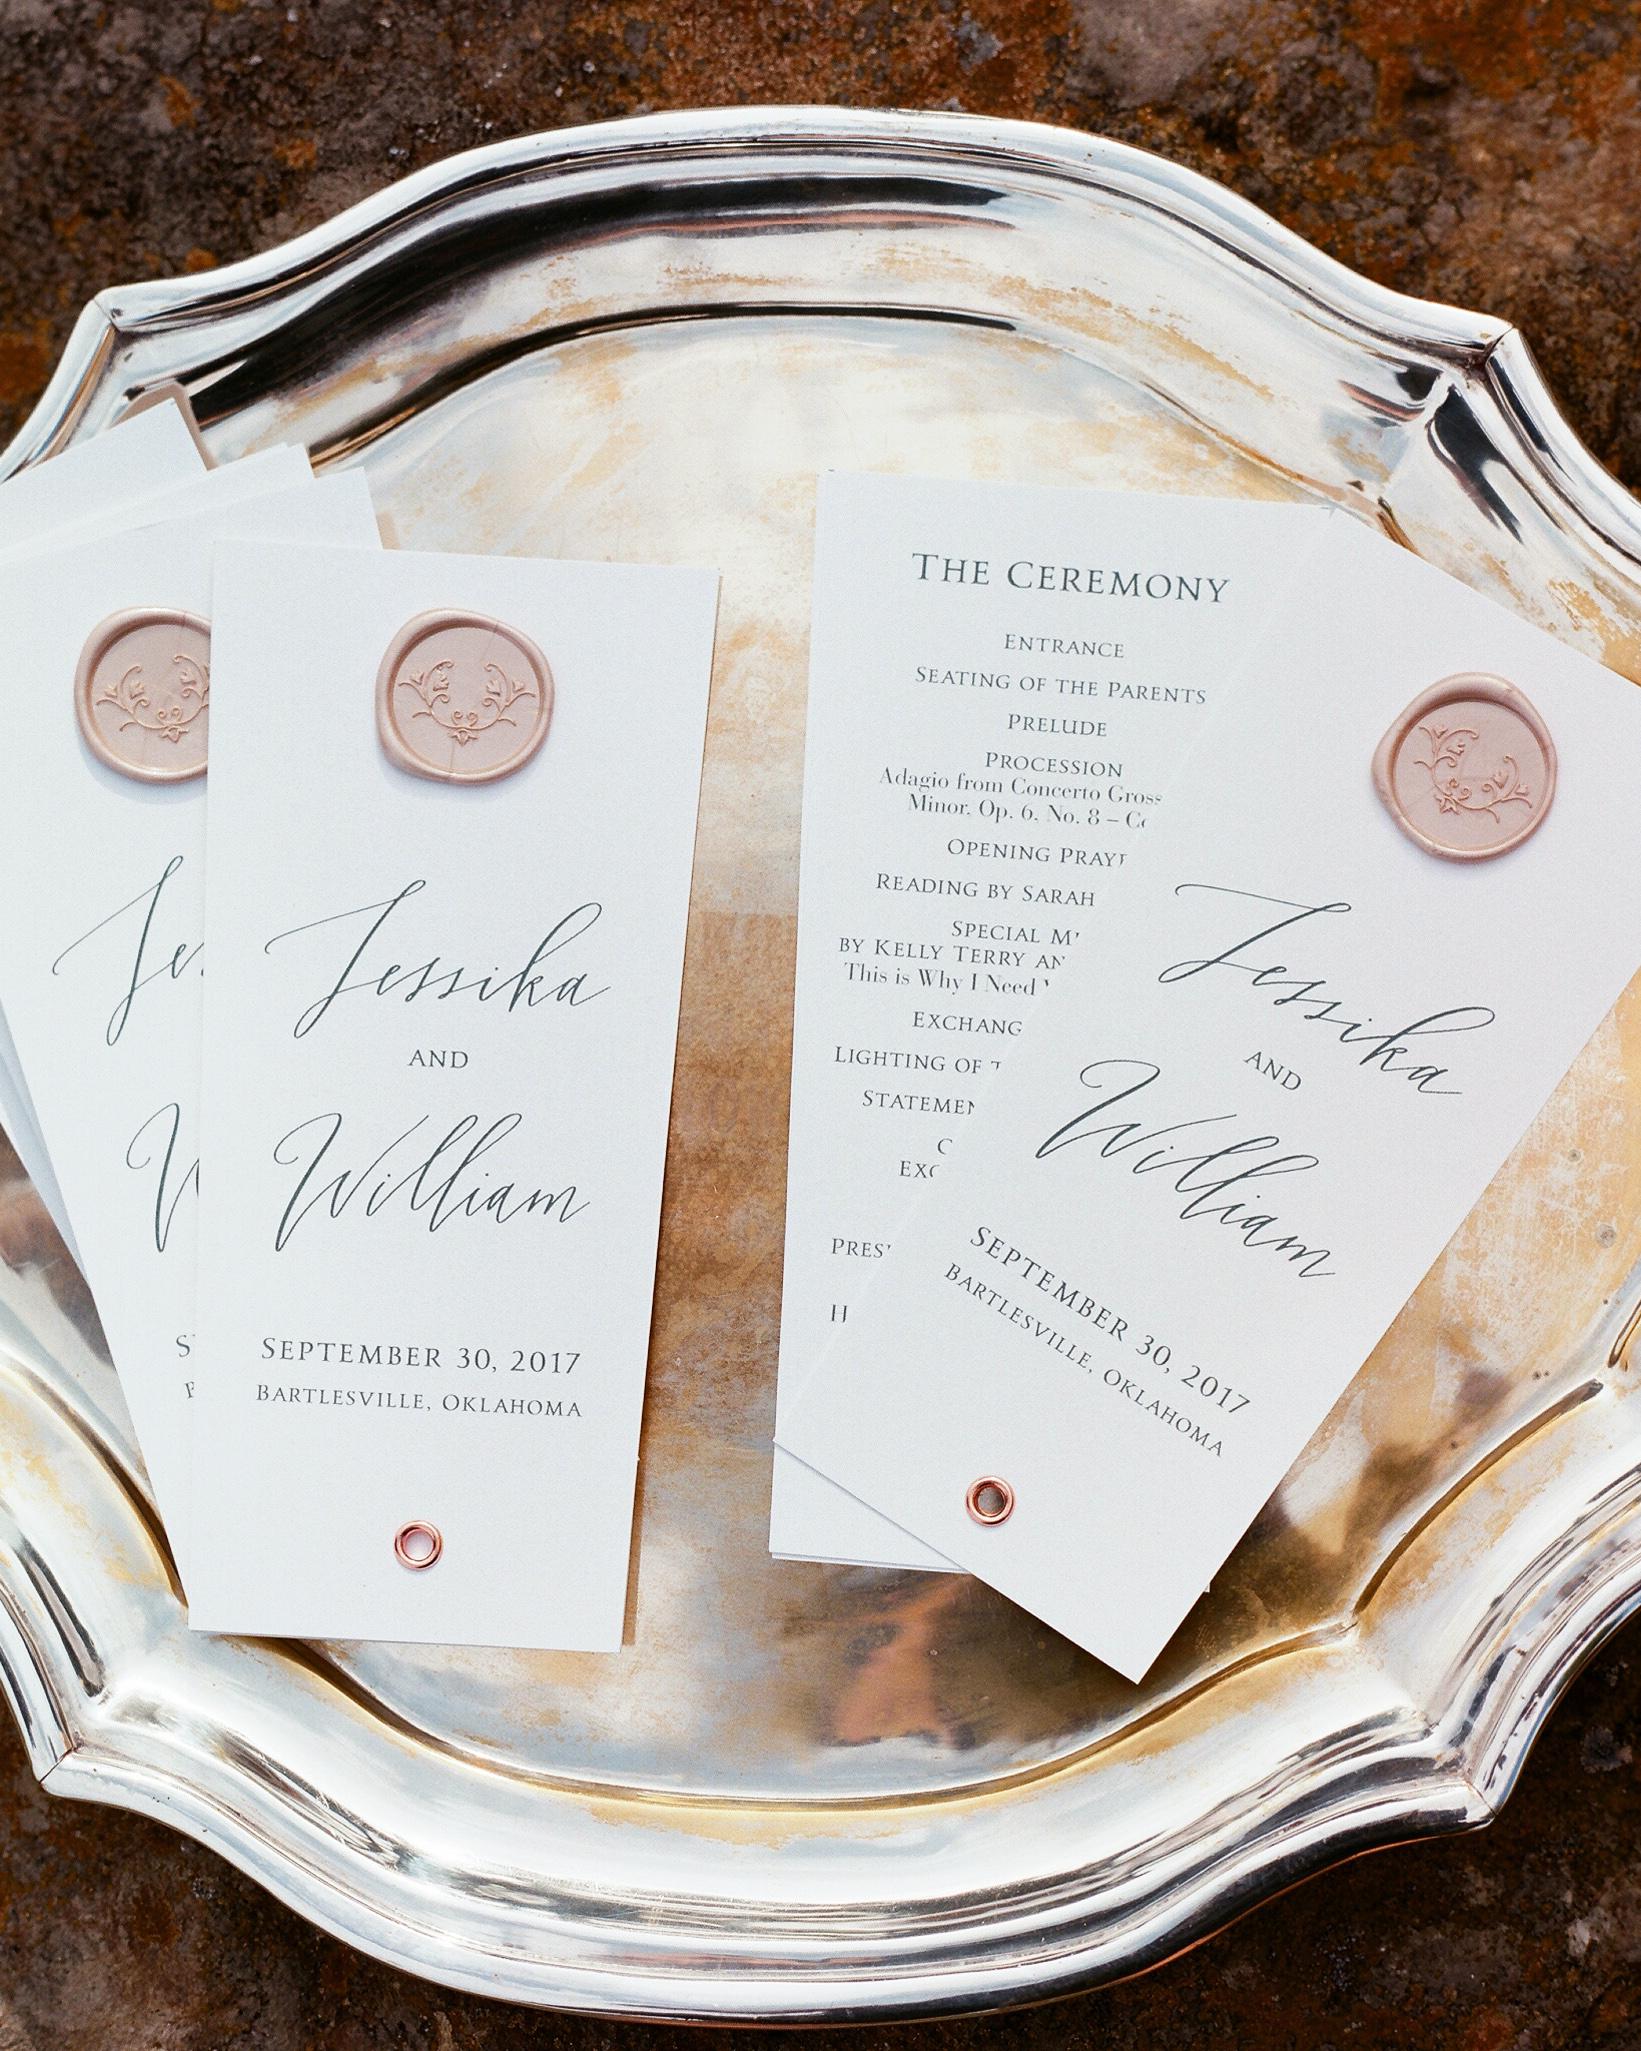 jessika william wedding programs